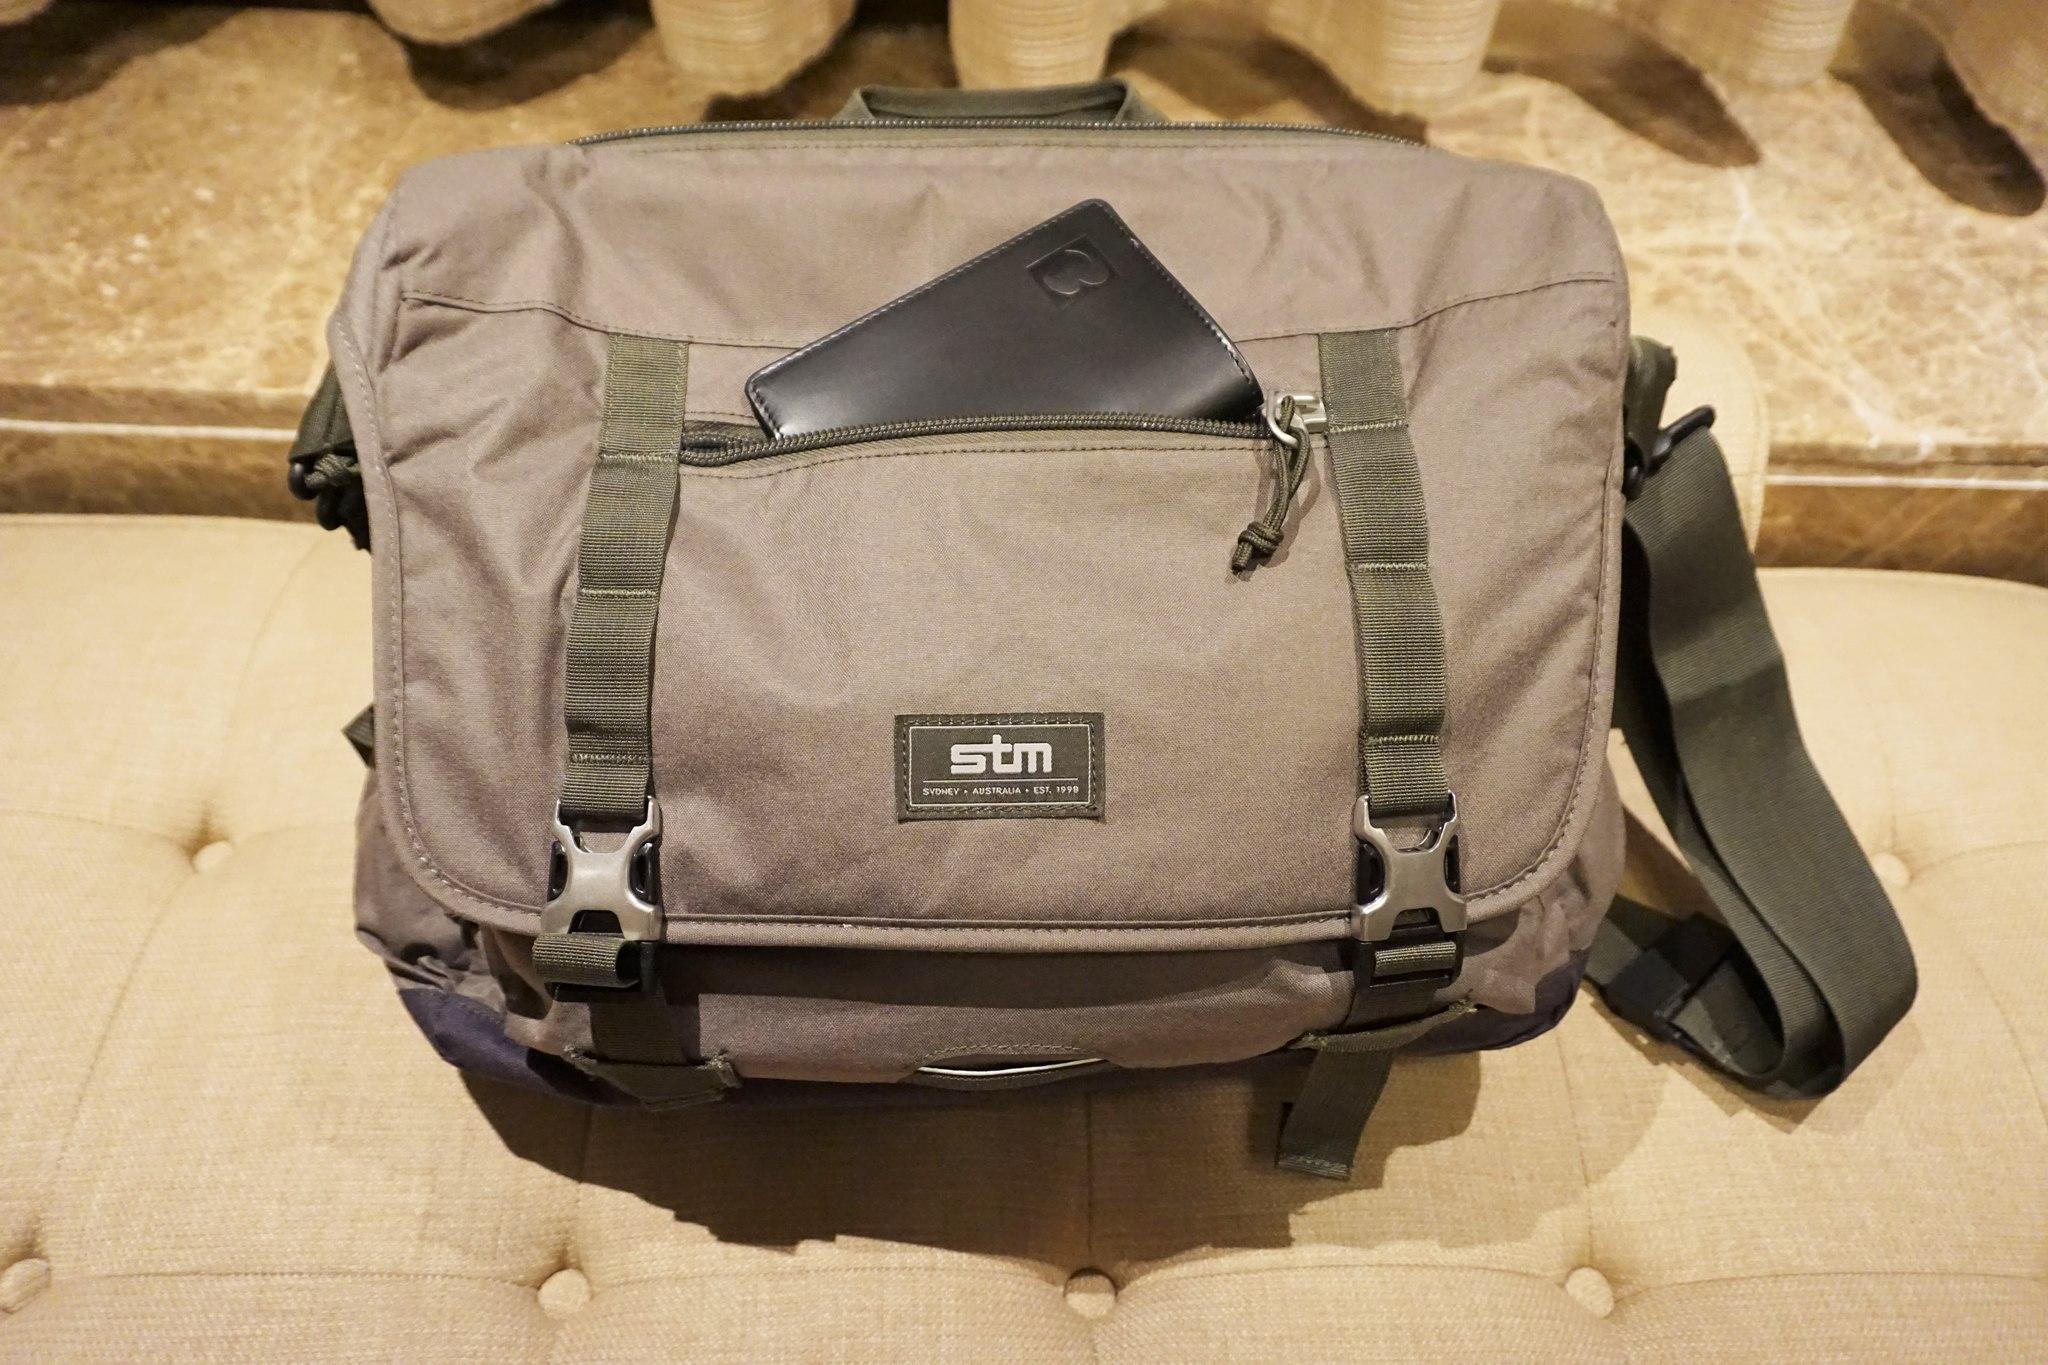 stm-trust-15-inch-laptop-messenger-bag-6